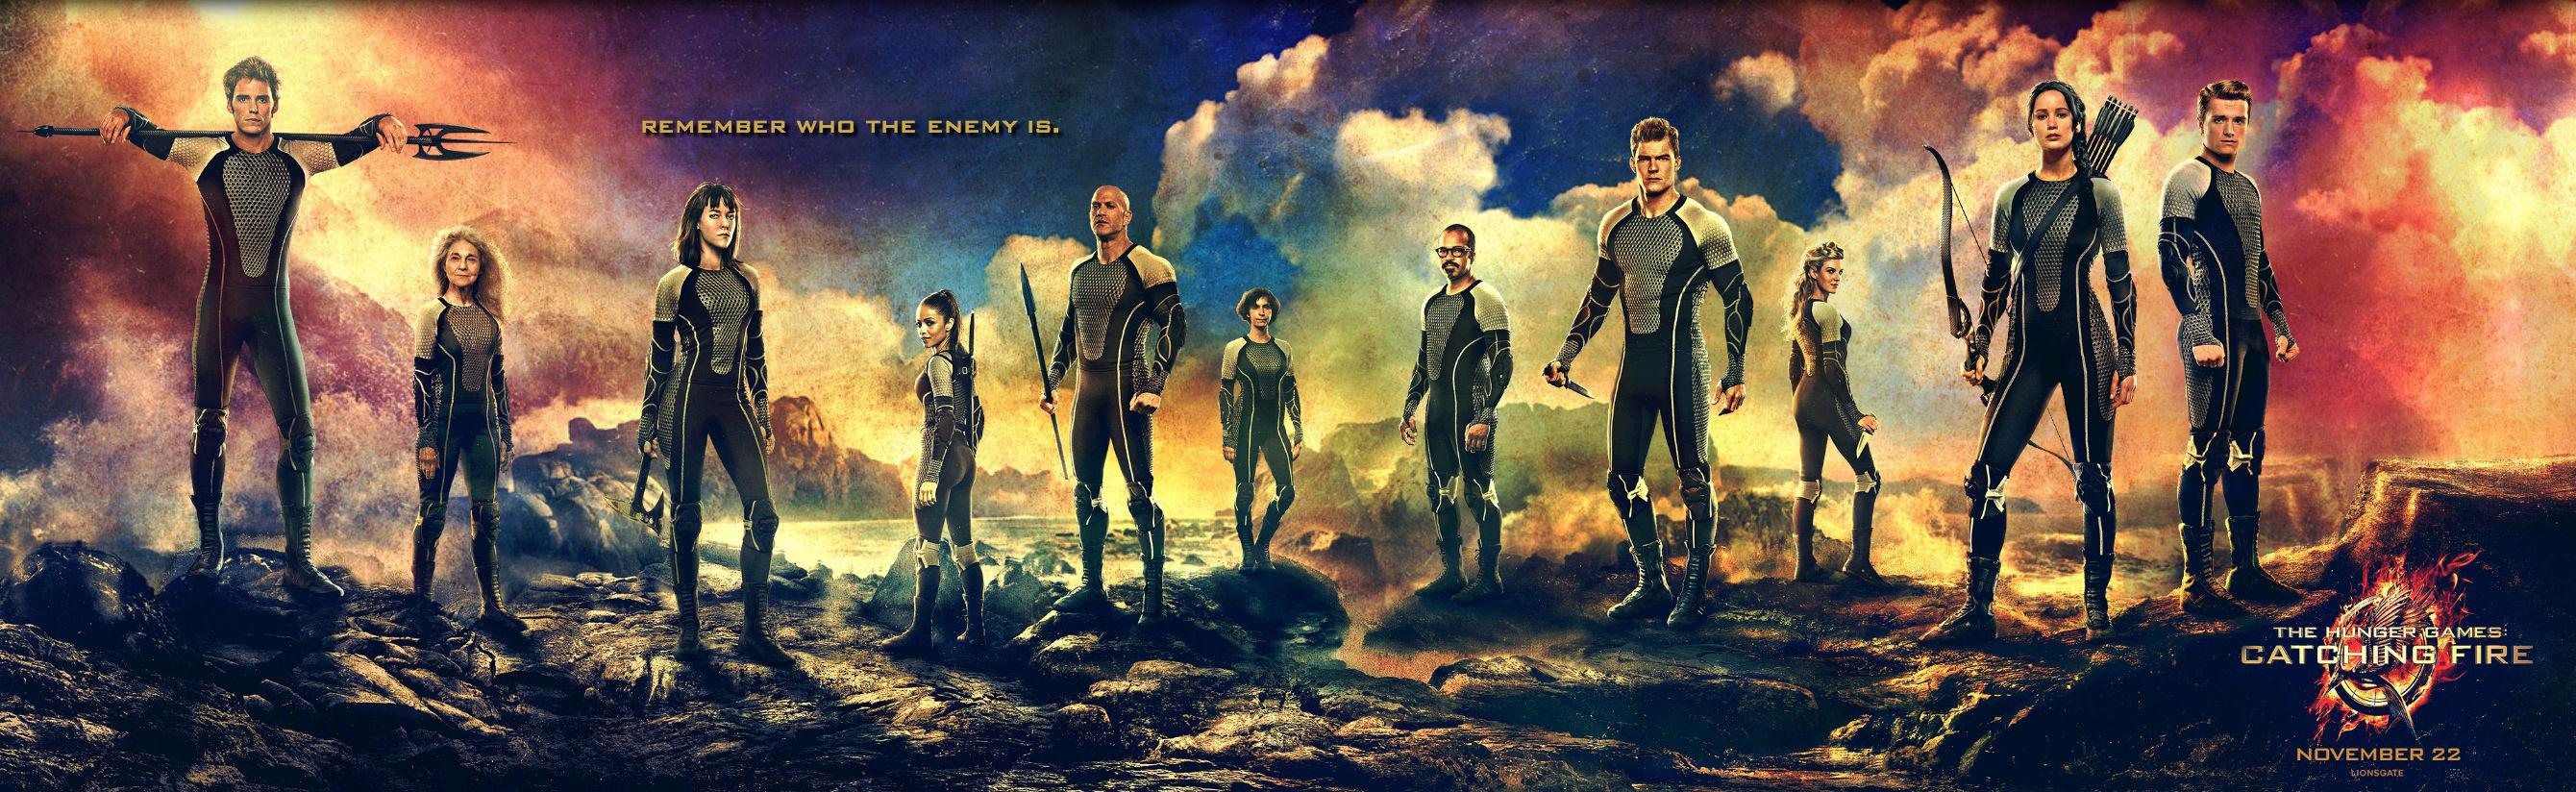 Un nou poster pentru filmul The Hunger Games: Catching Fire